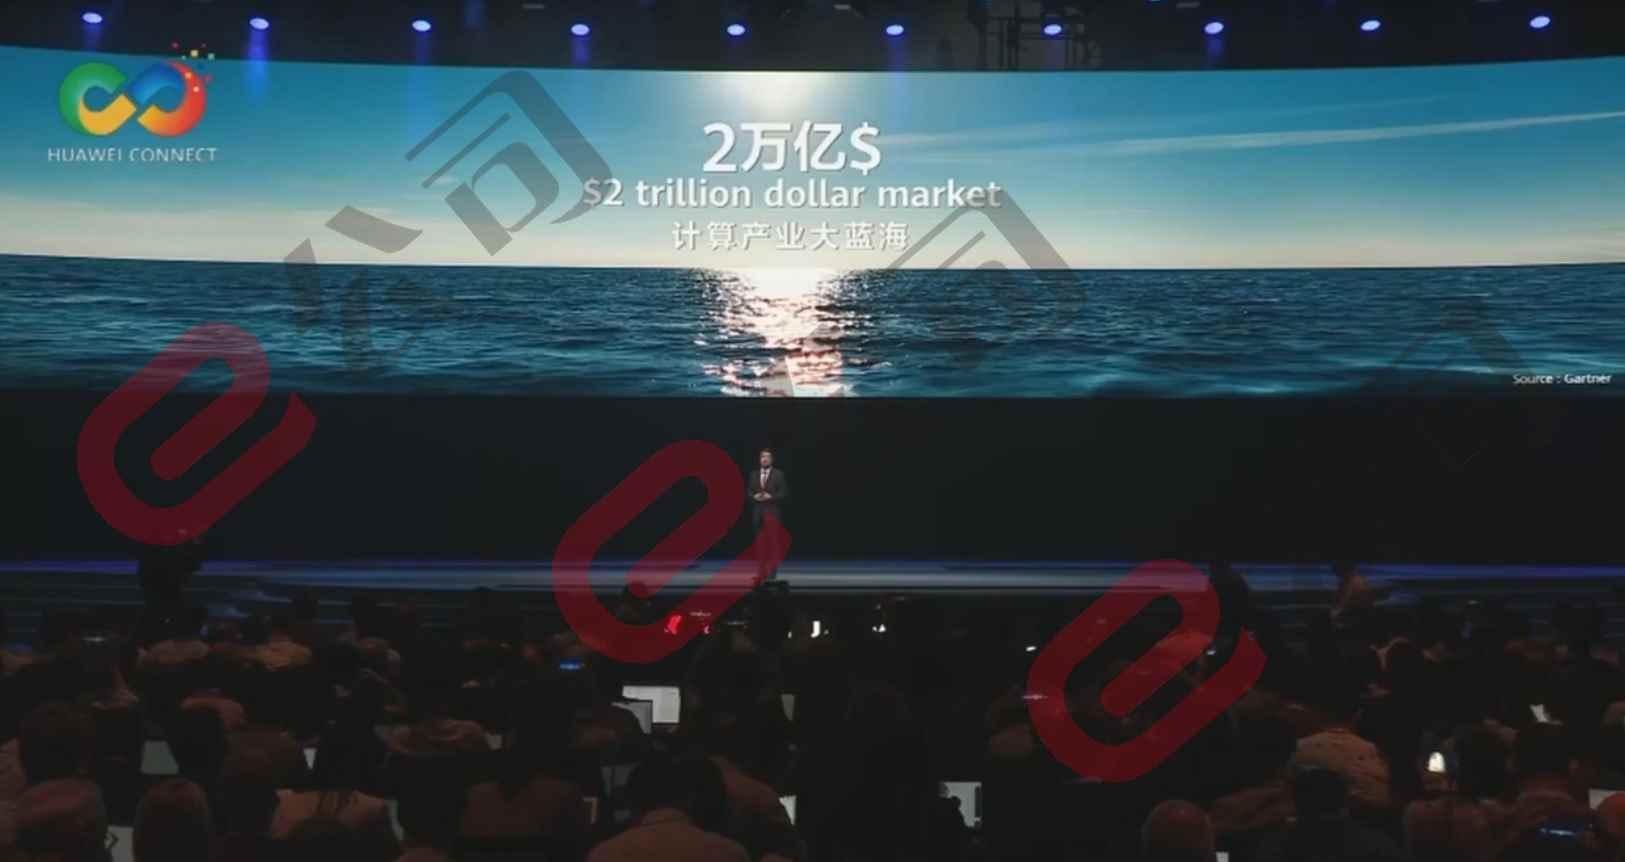 【视频直播中】华为全联接大会召开 发布全球最快Ai训练集群Atlas 900